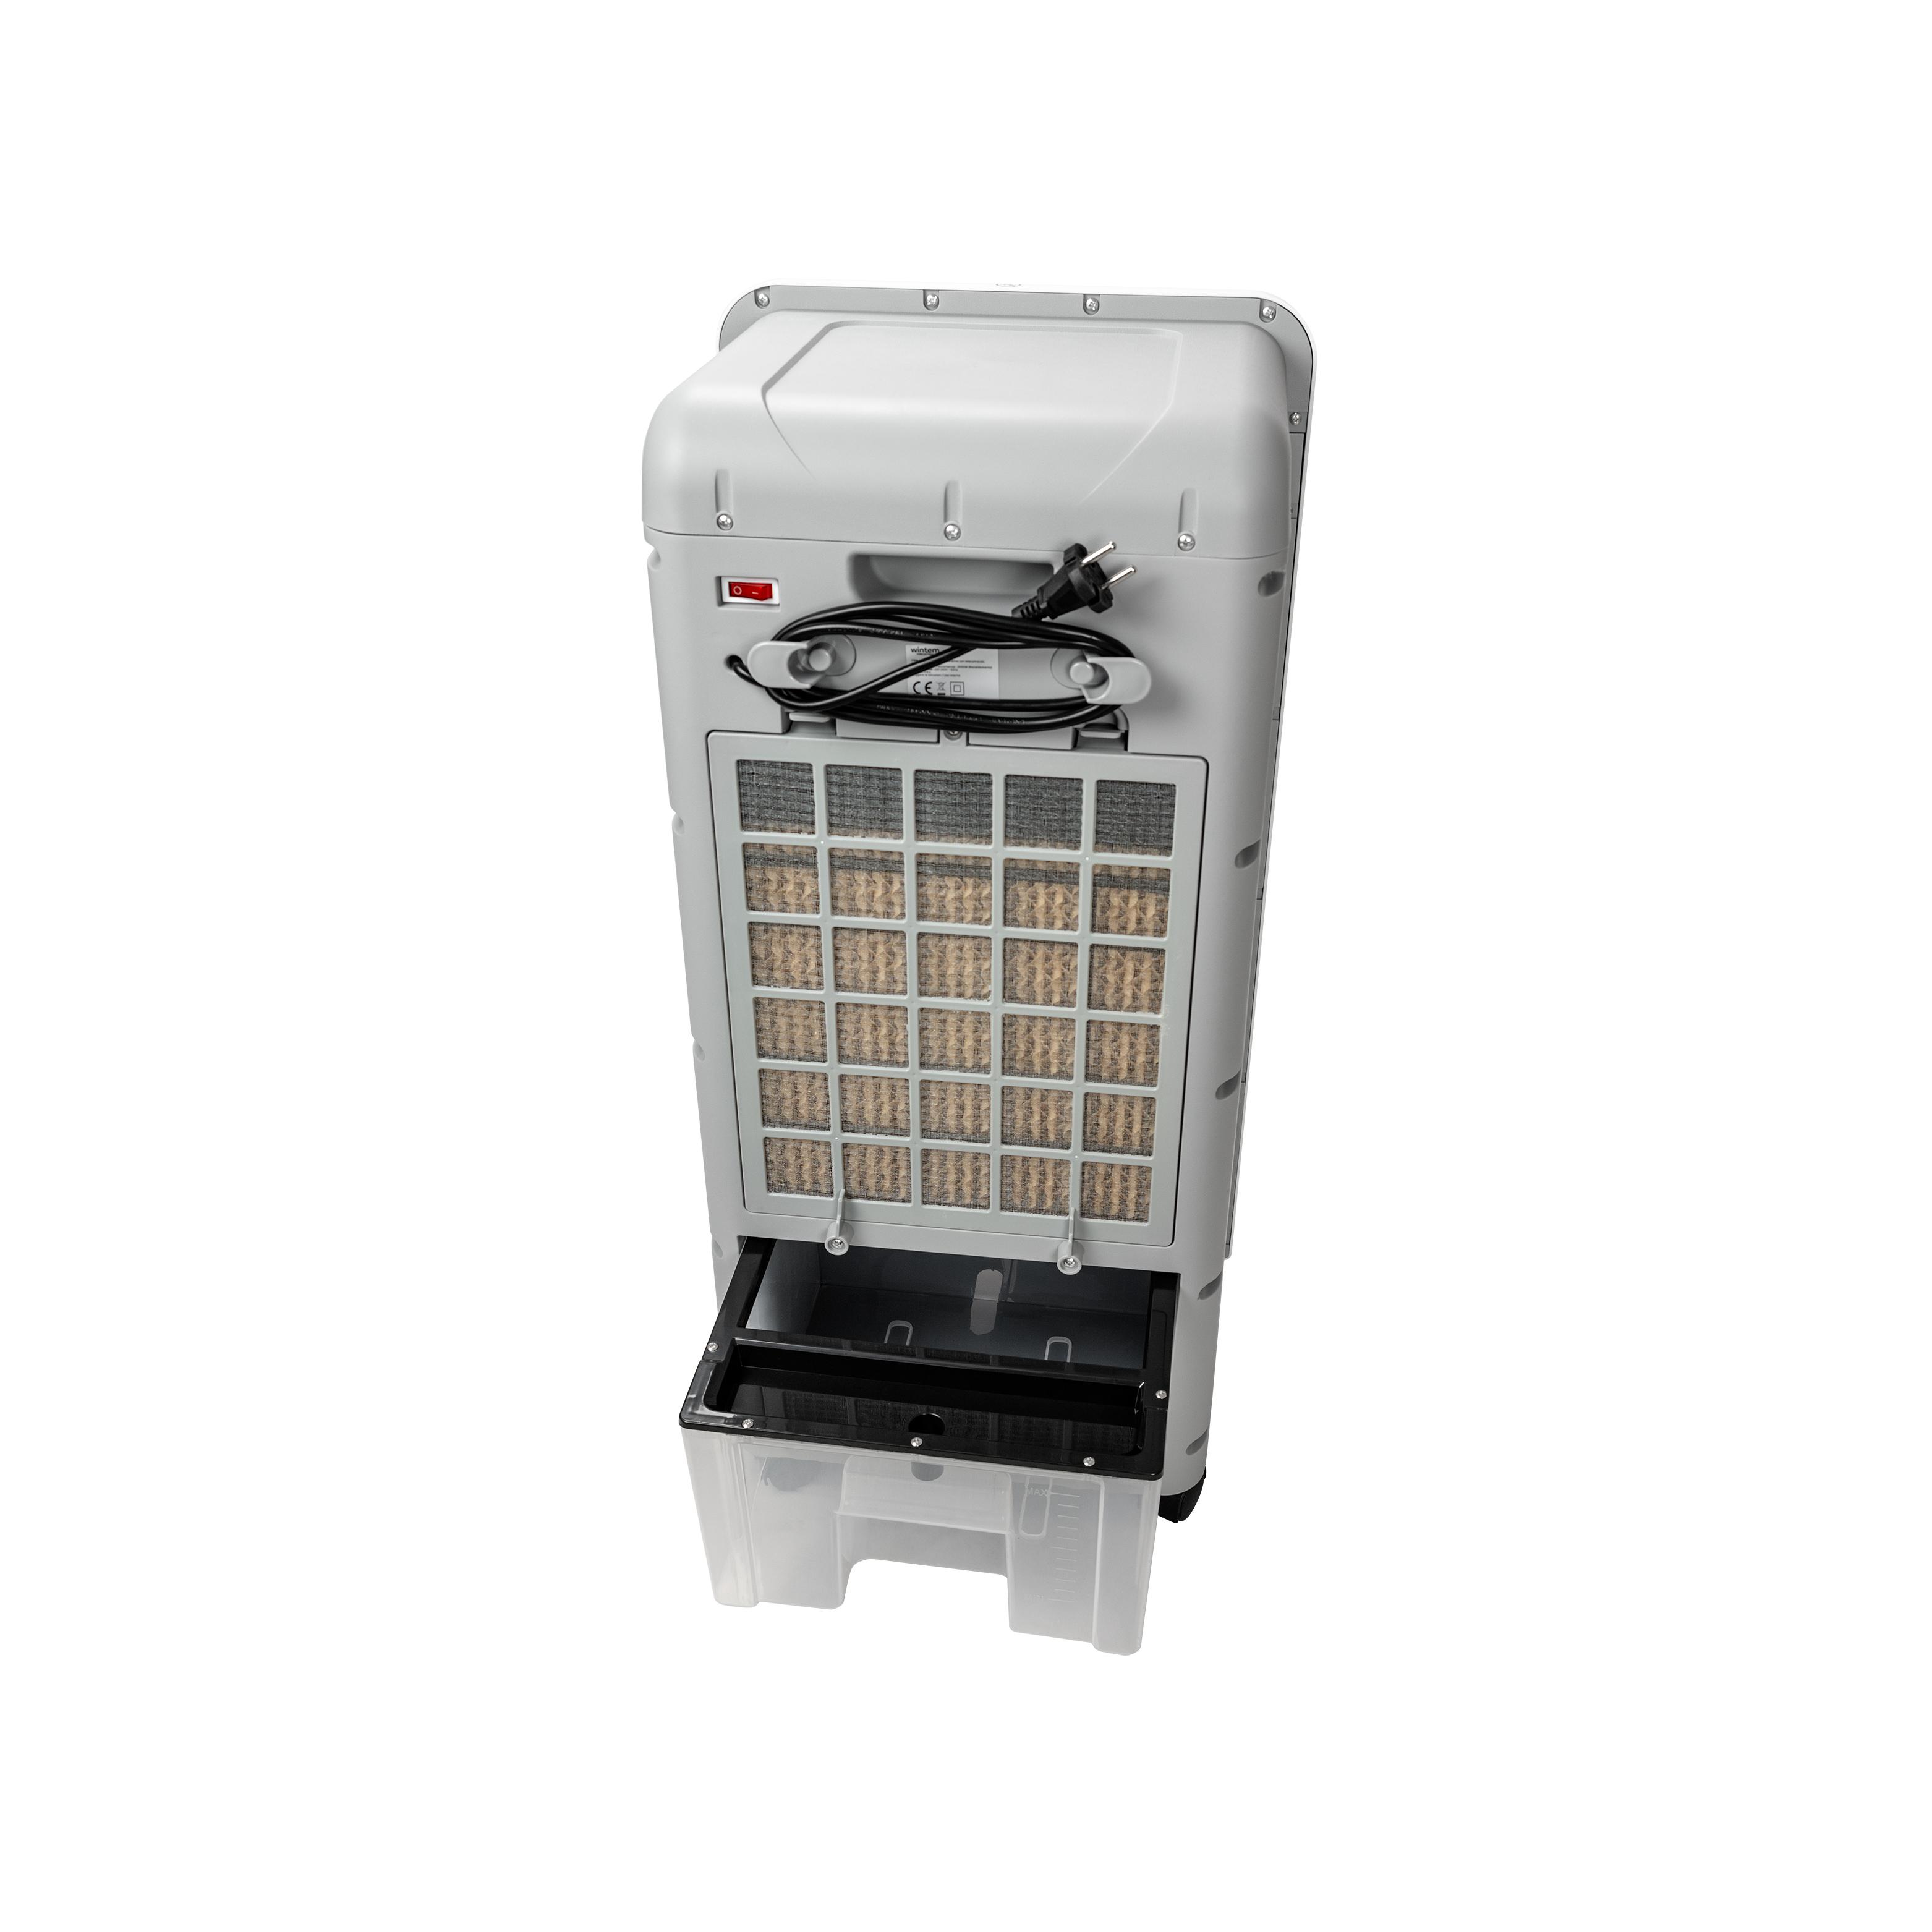 Horus Climatizzatore Portatile 2000 Watt Raffrescatore Aria Calda Fredda Wintem 6